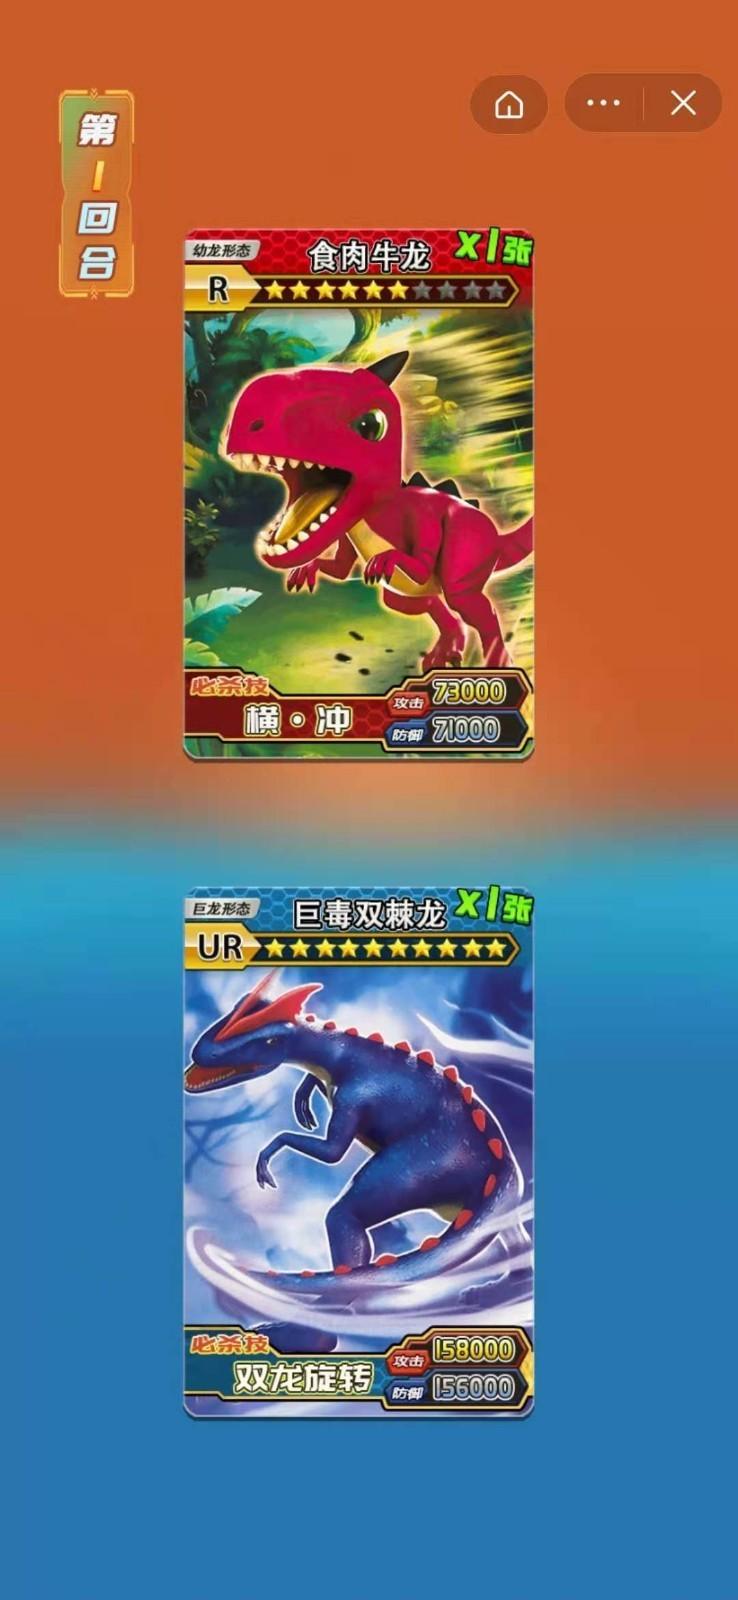 恐龙抽卡对战小游戏截图1